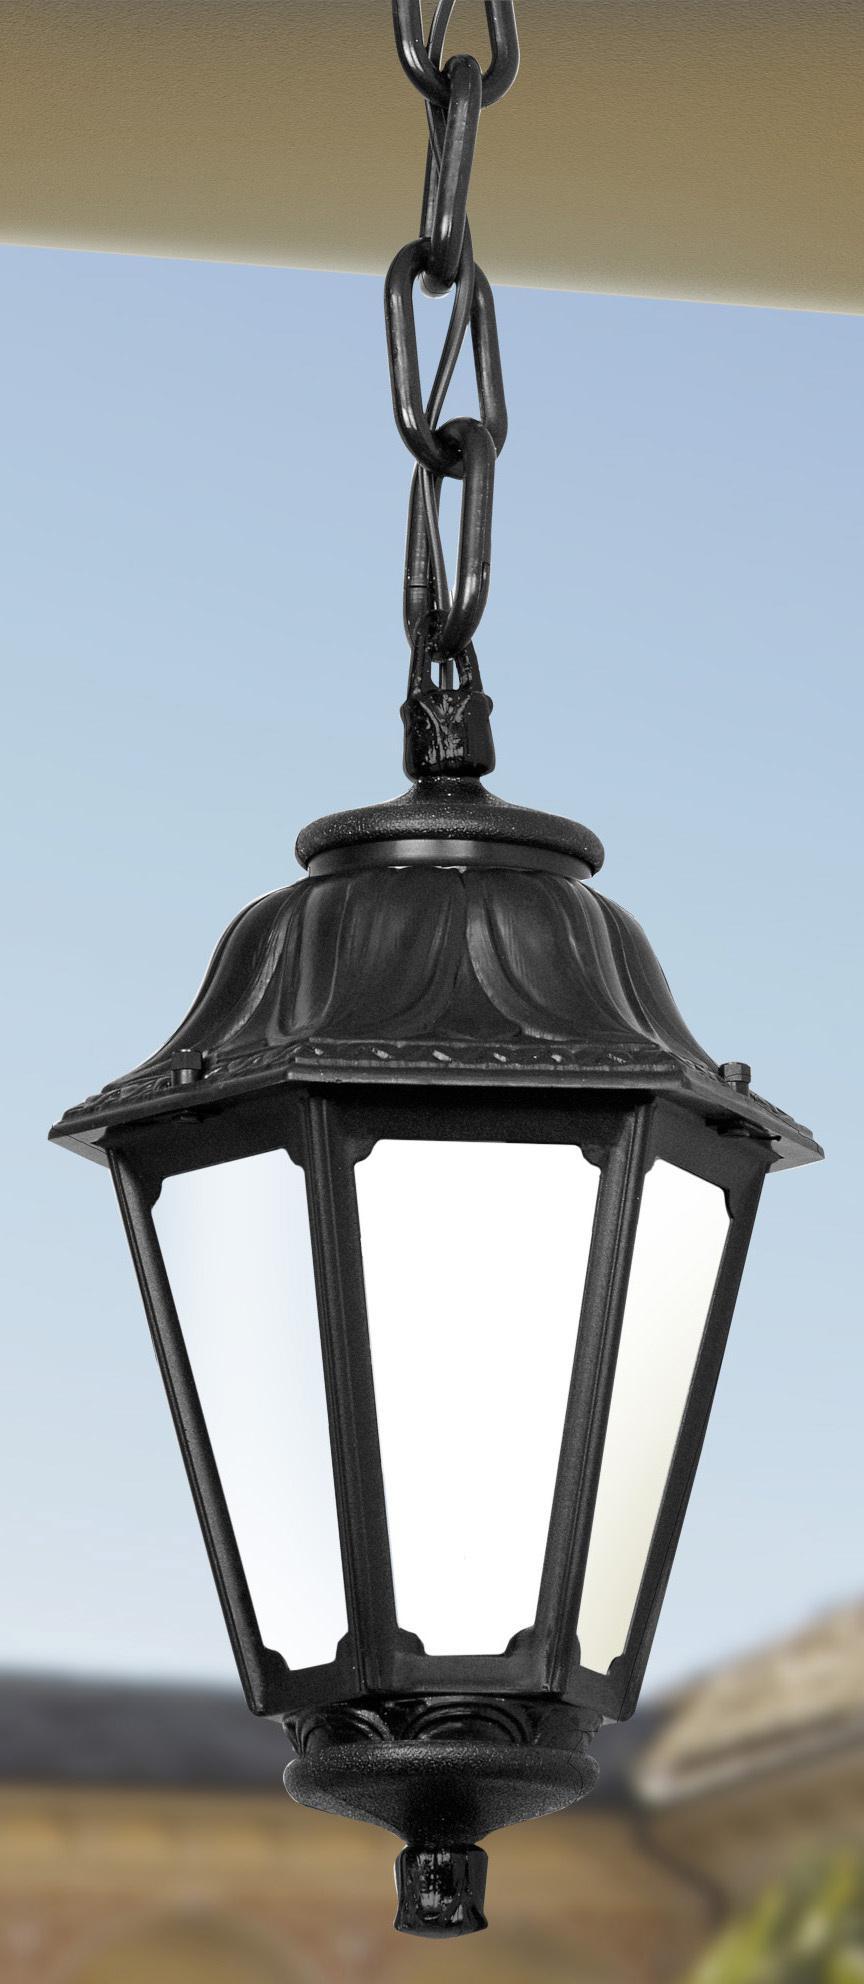 Светильник Fumagalli Anna sichem bm, уличный, производство: Италия, черный матовый цена